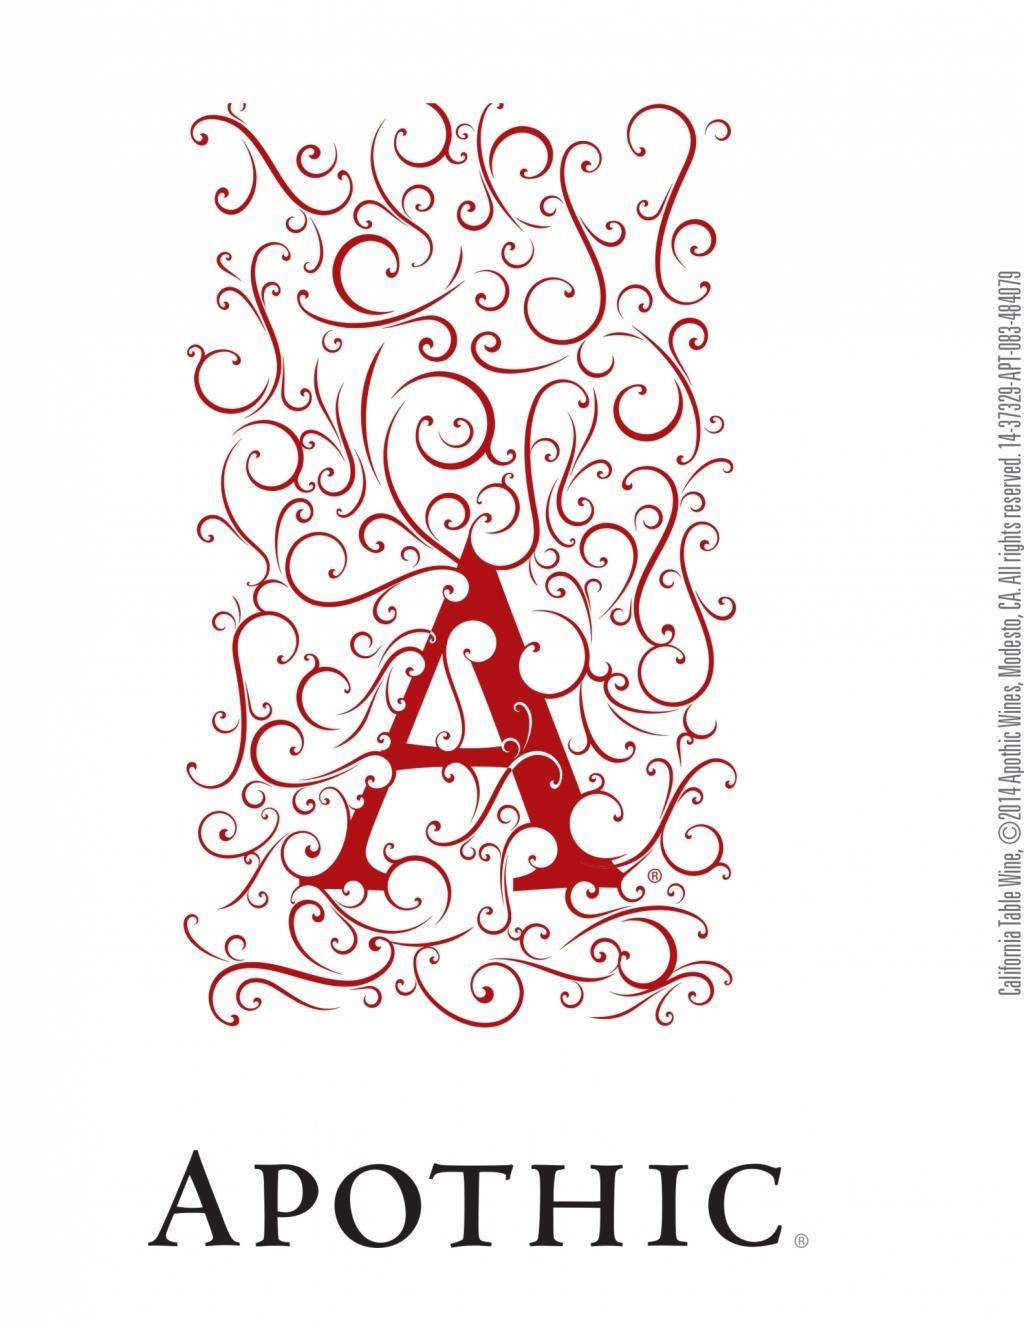 GALLERY: Apothic Wine Logo